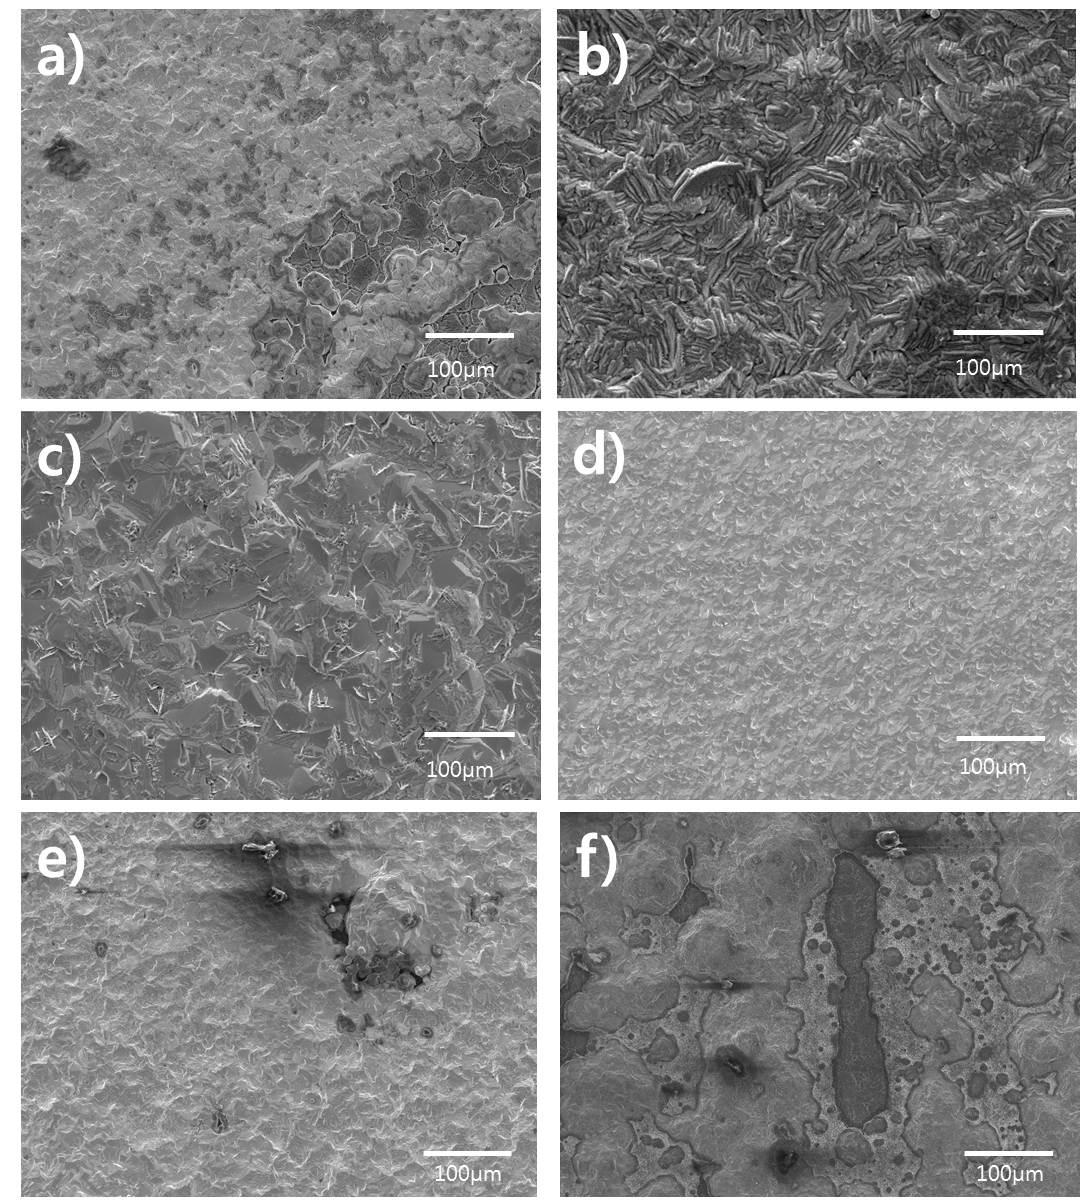 전류 밀도 변화에 따른 코팅 피막의 표면 SEM 분석